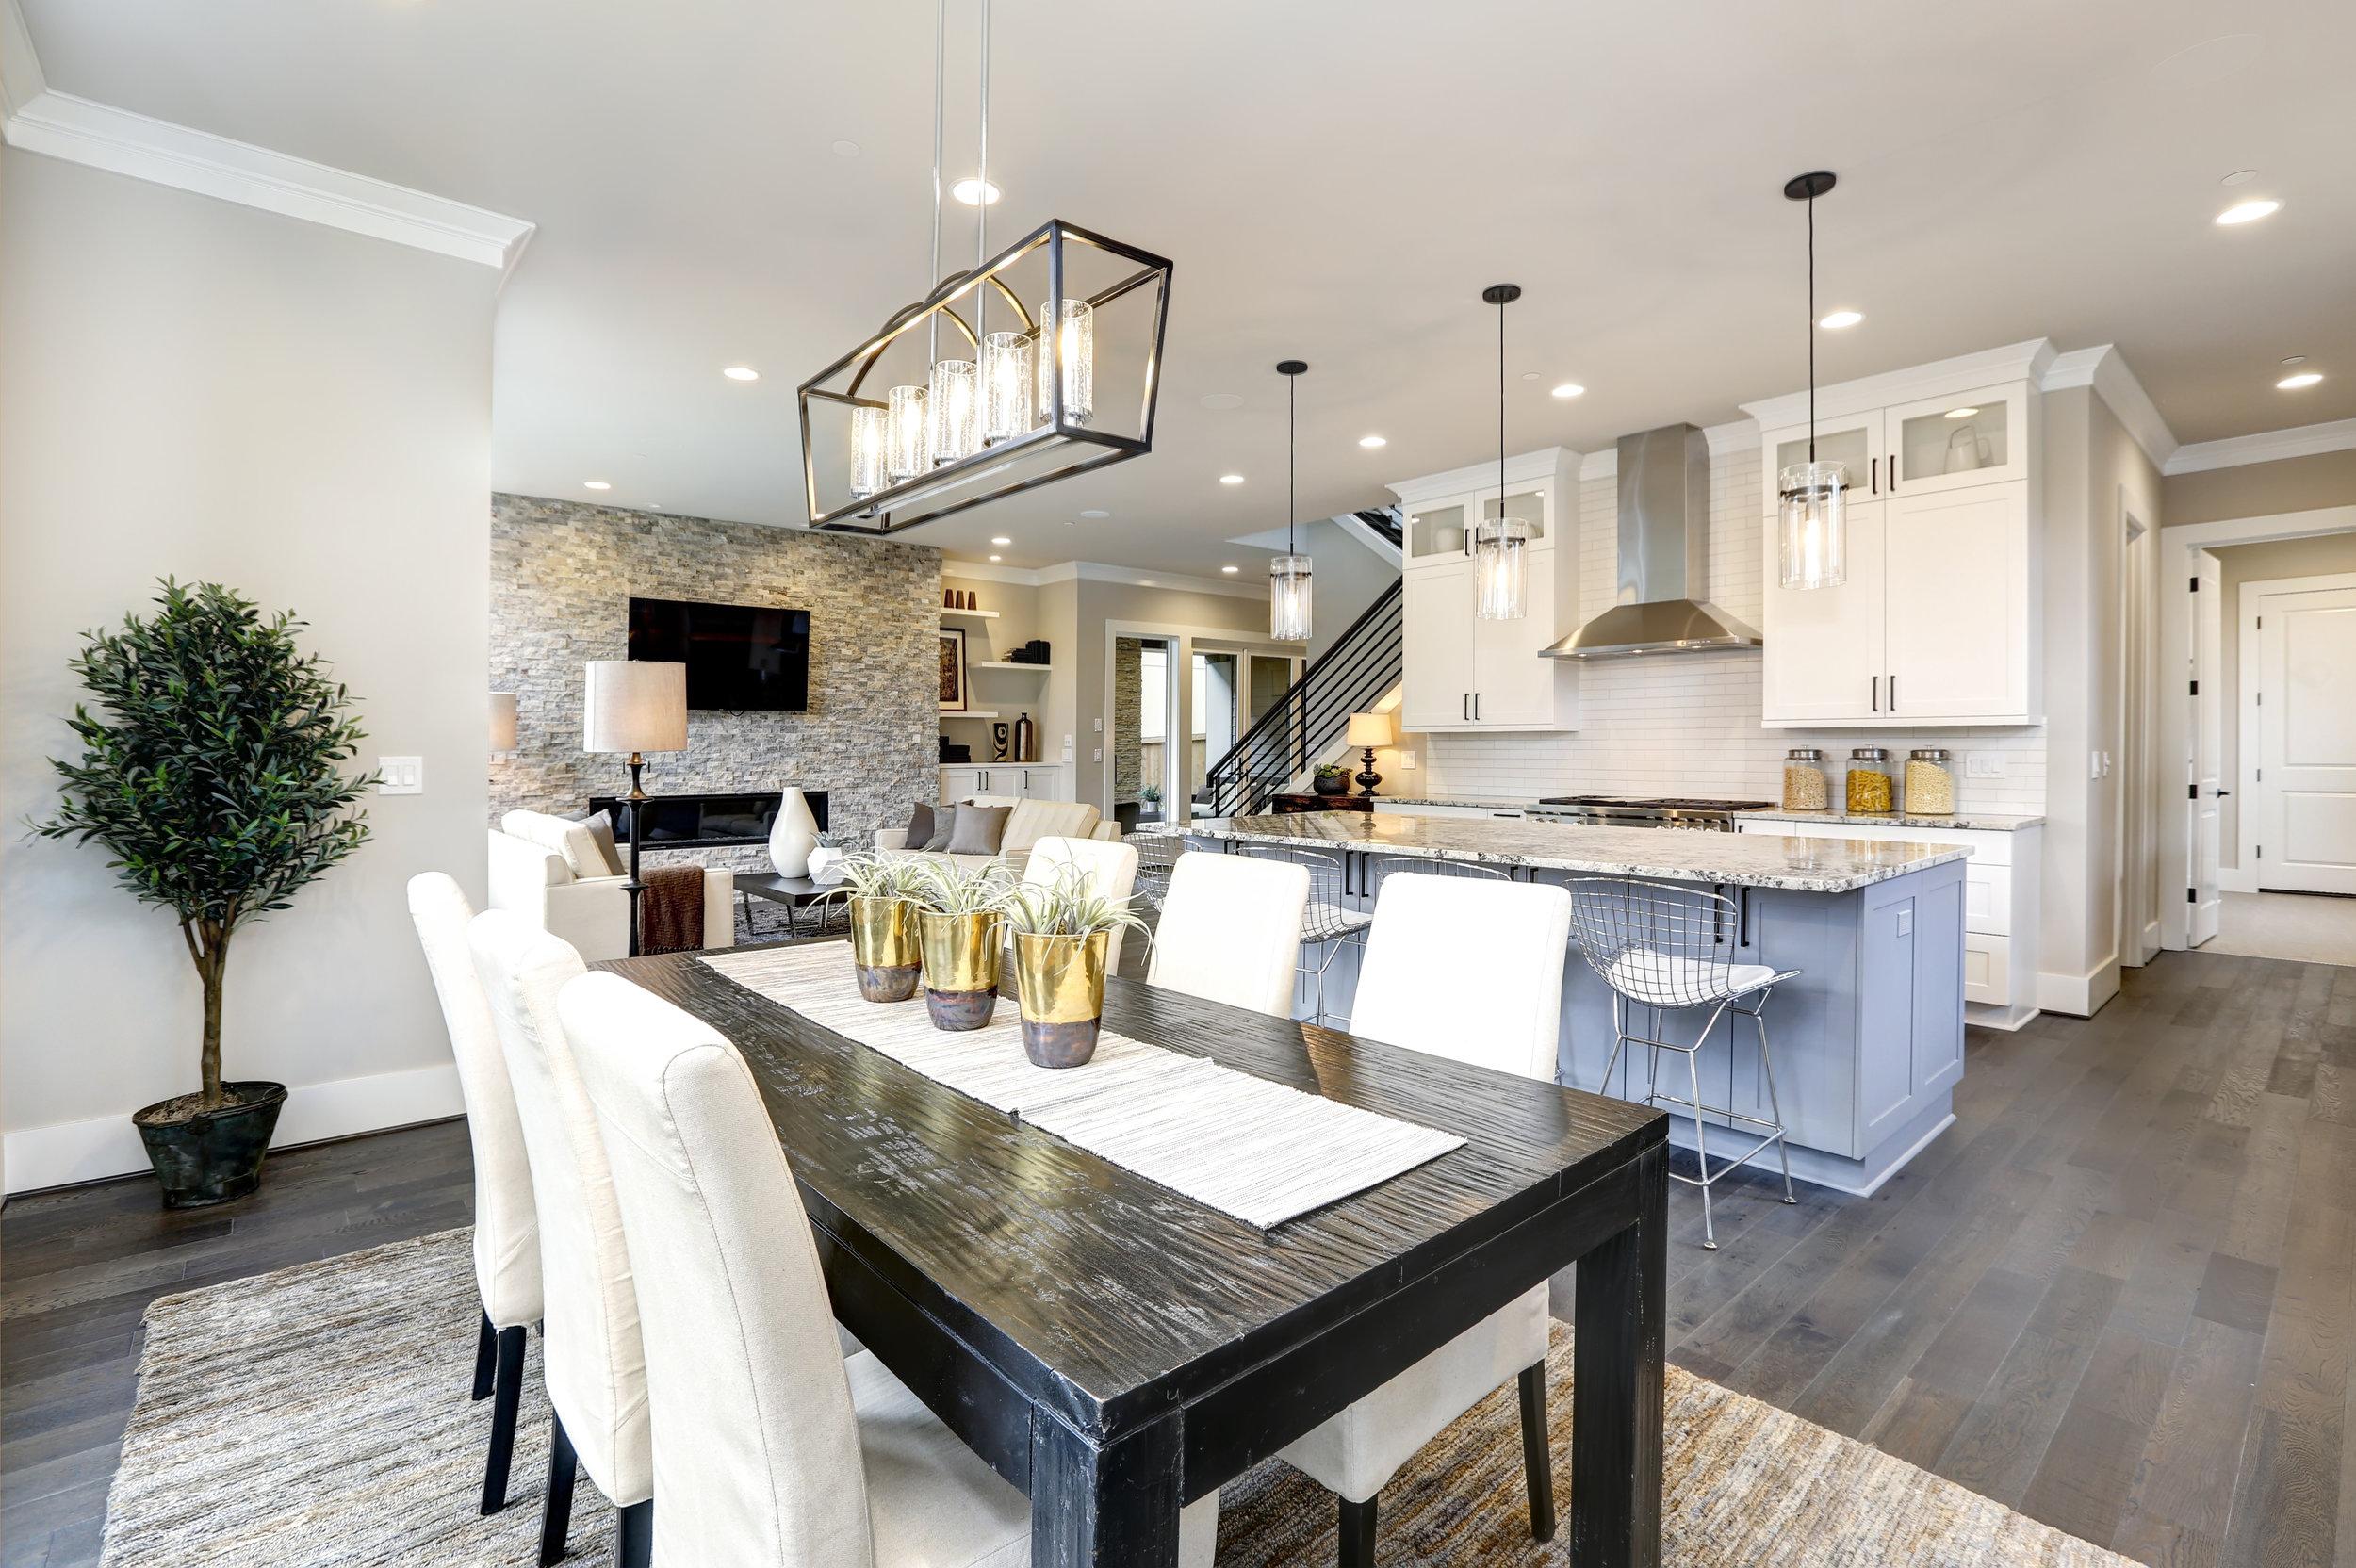 bigstock-Beautiful-Kitchen-In-Luxury-Mo-257455573.jpg